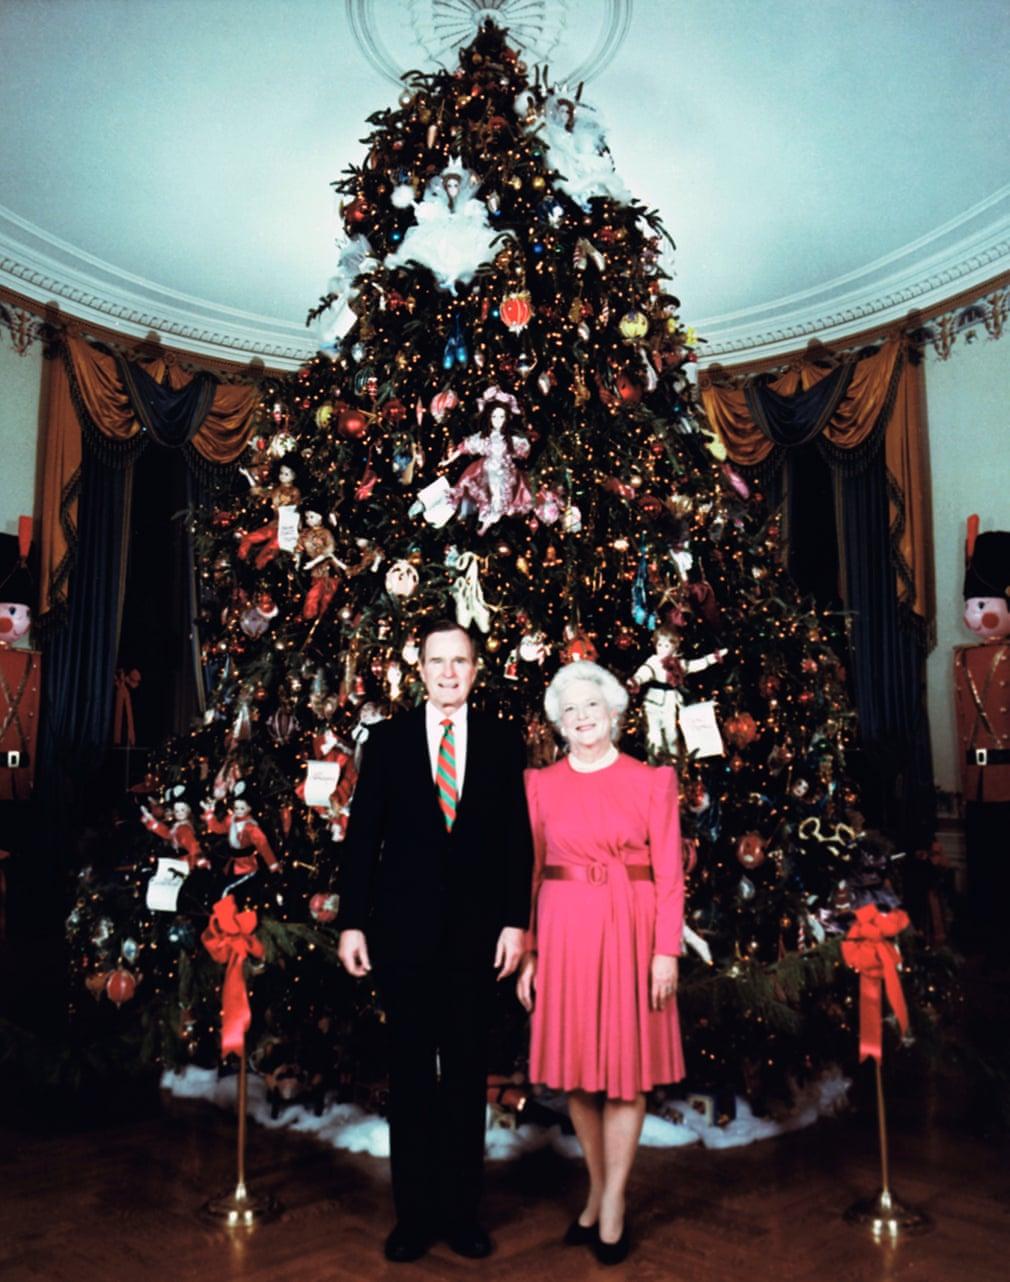 جورج بوش الأب وزوجته باربرا فى كريسماس 1990